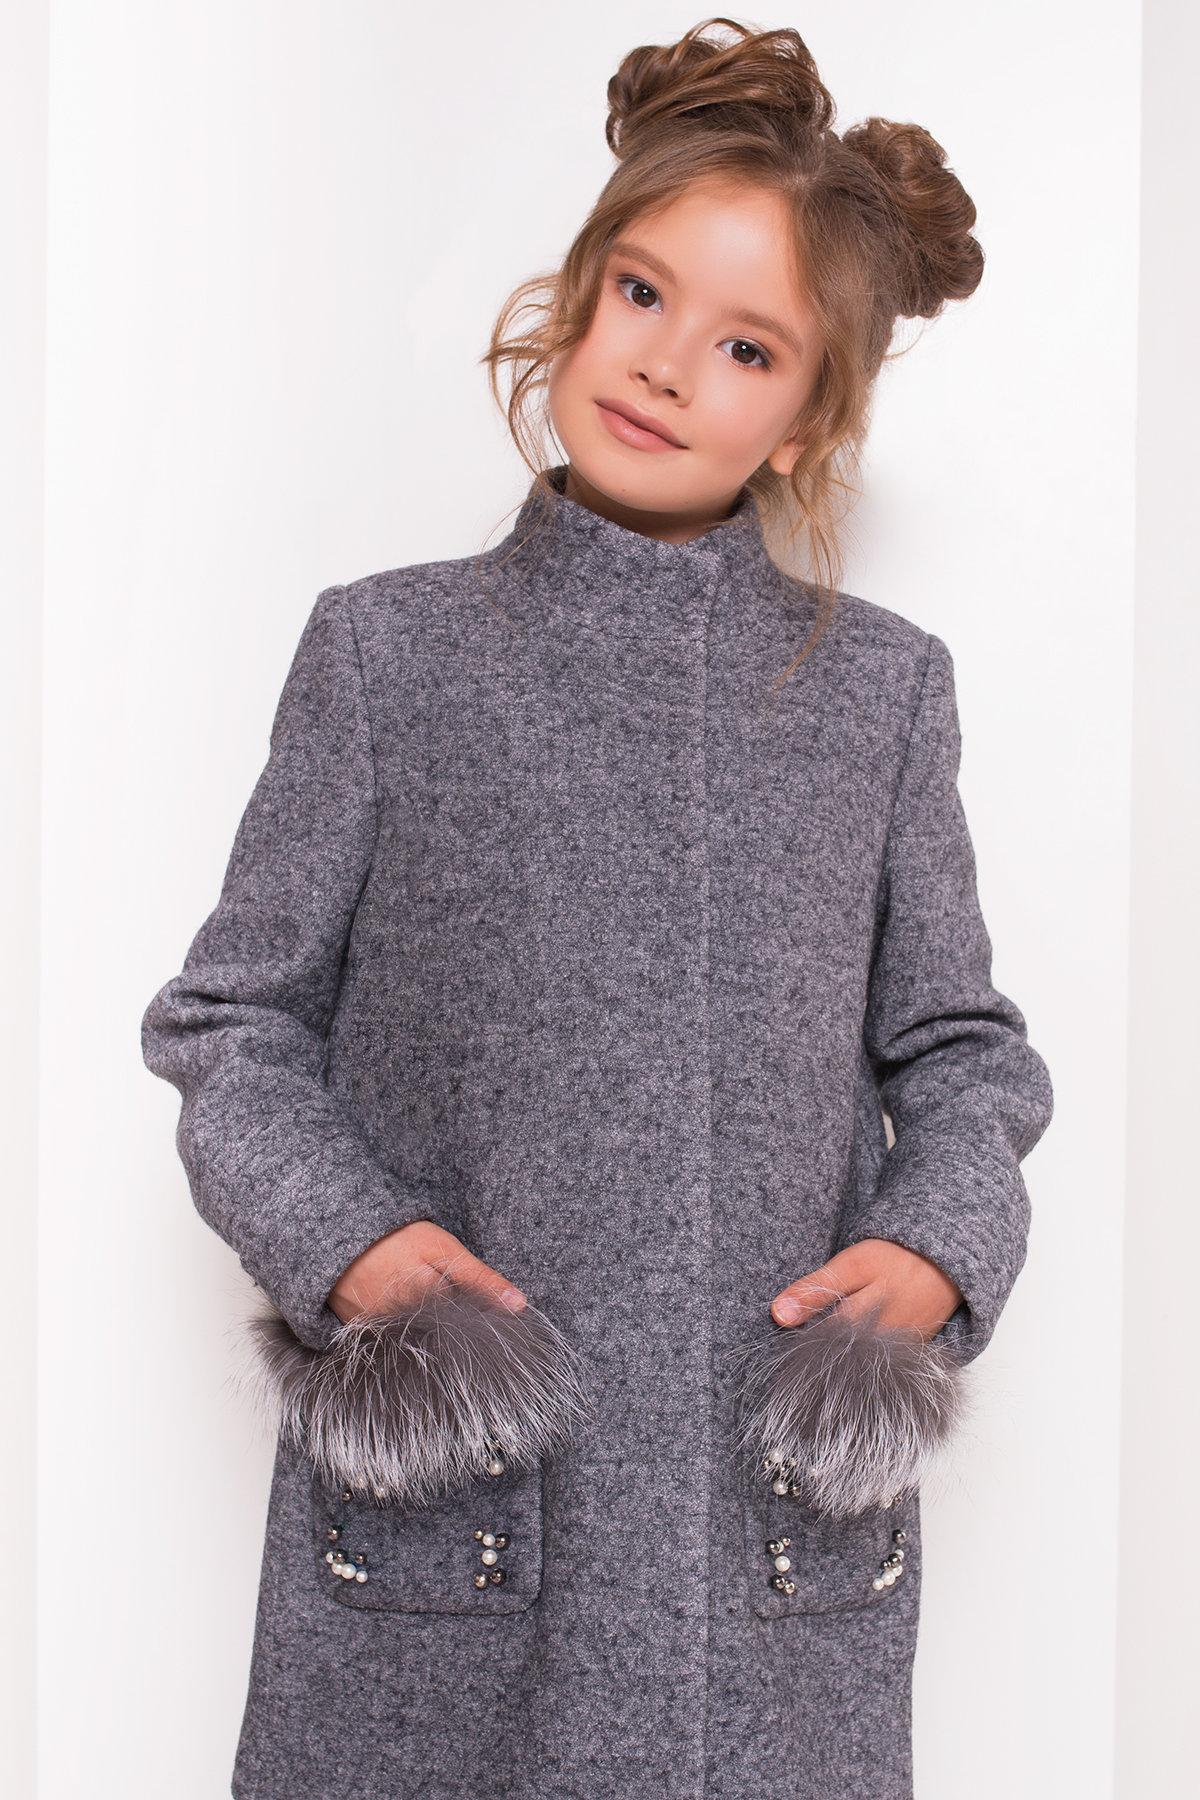 Пальто детское Норма 5286 АРТ. 36527 Цвет: Серый Темный LW-5 - фото 4, интернет магазин tm-modus.ru